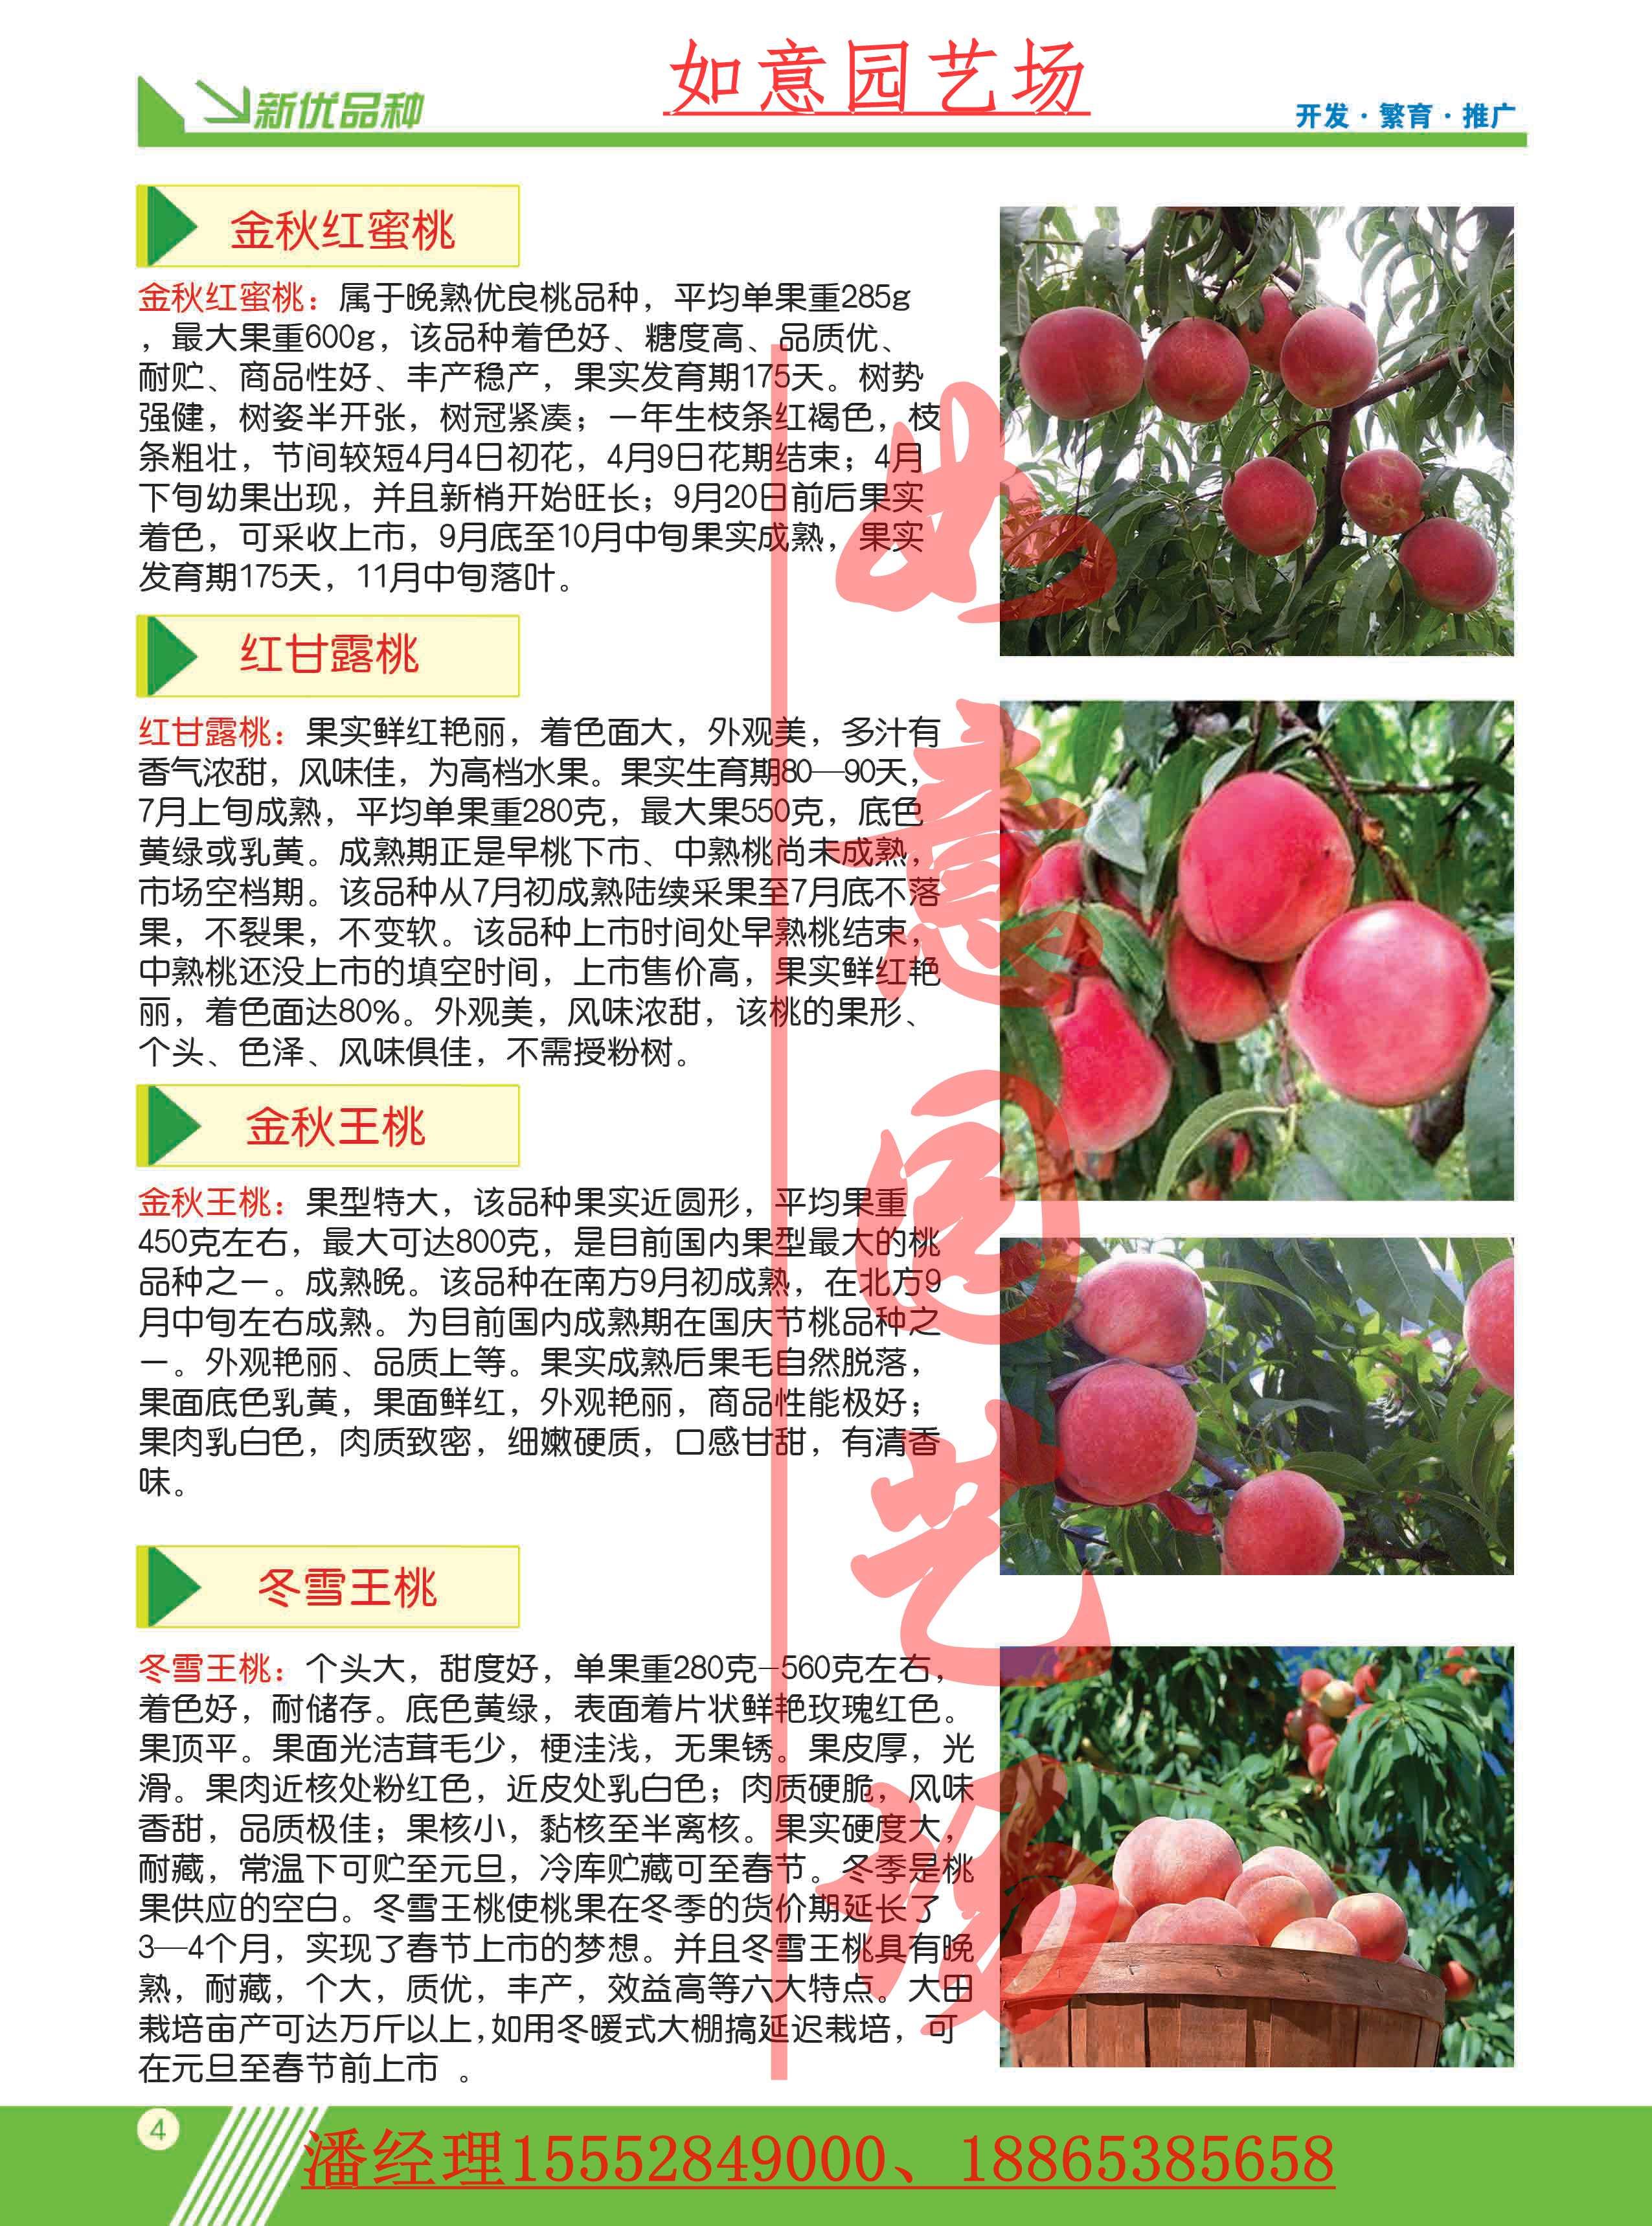 福建晚熟桃苗主要分类